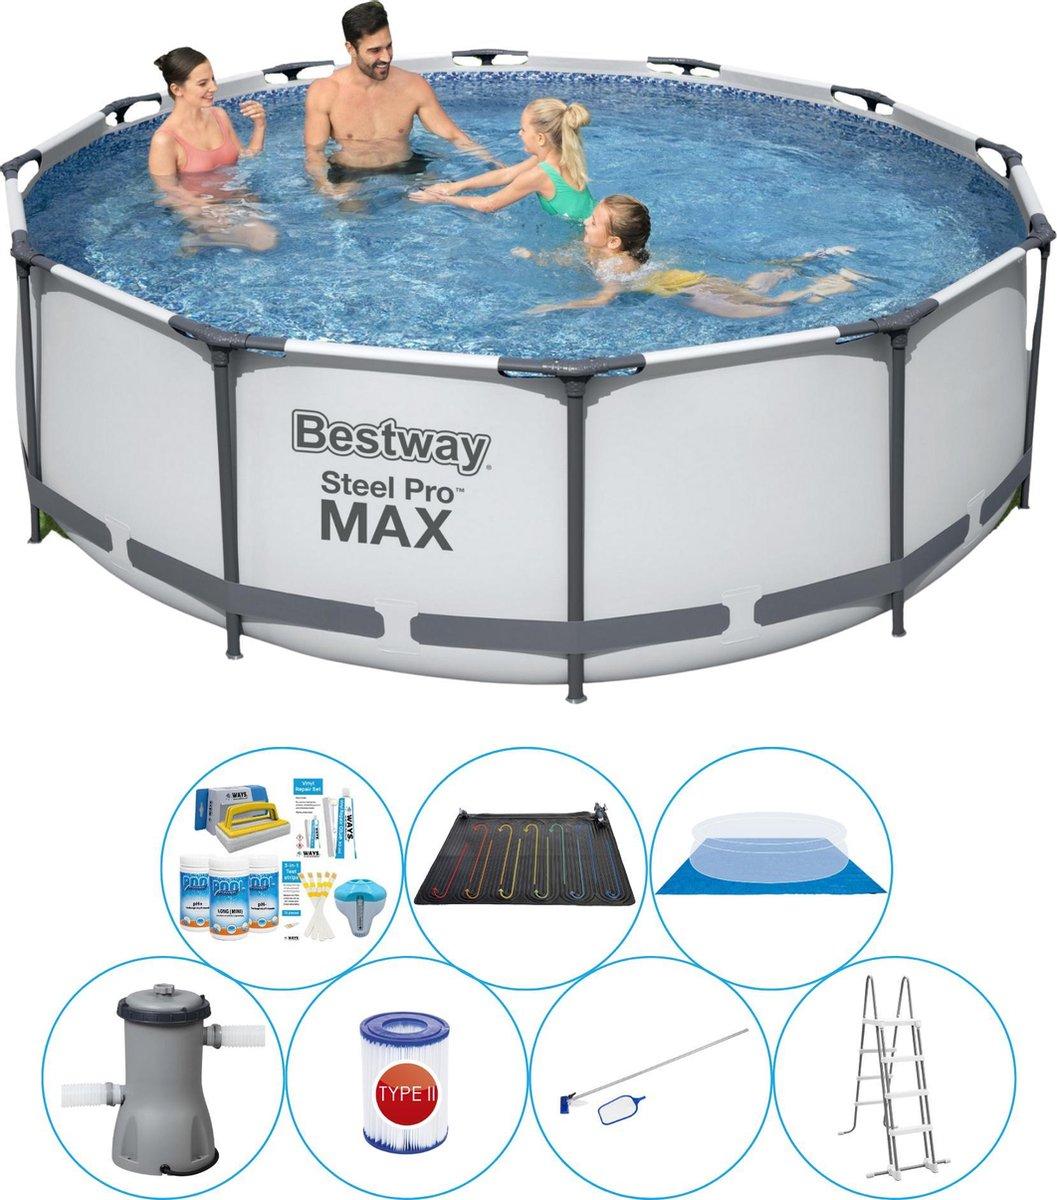 Bestway Steel Pro MAX Rond 366x100 cm - 8-delig - Zwembad Met Accessoires